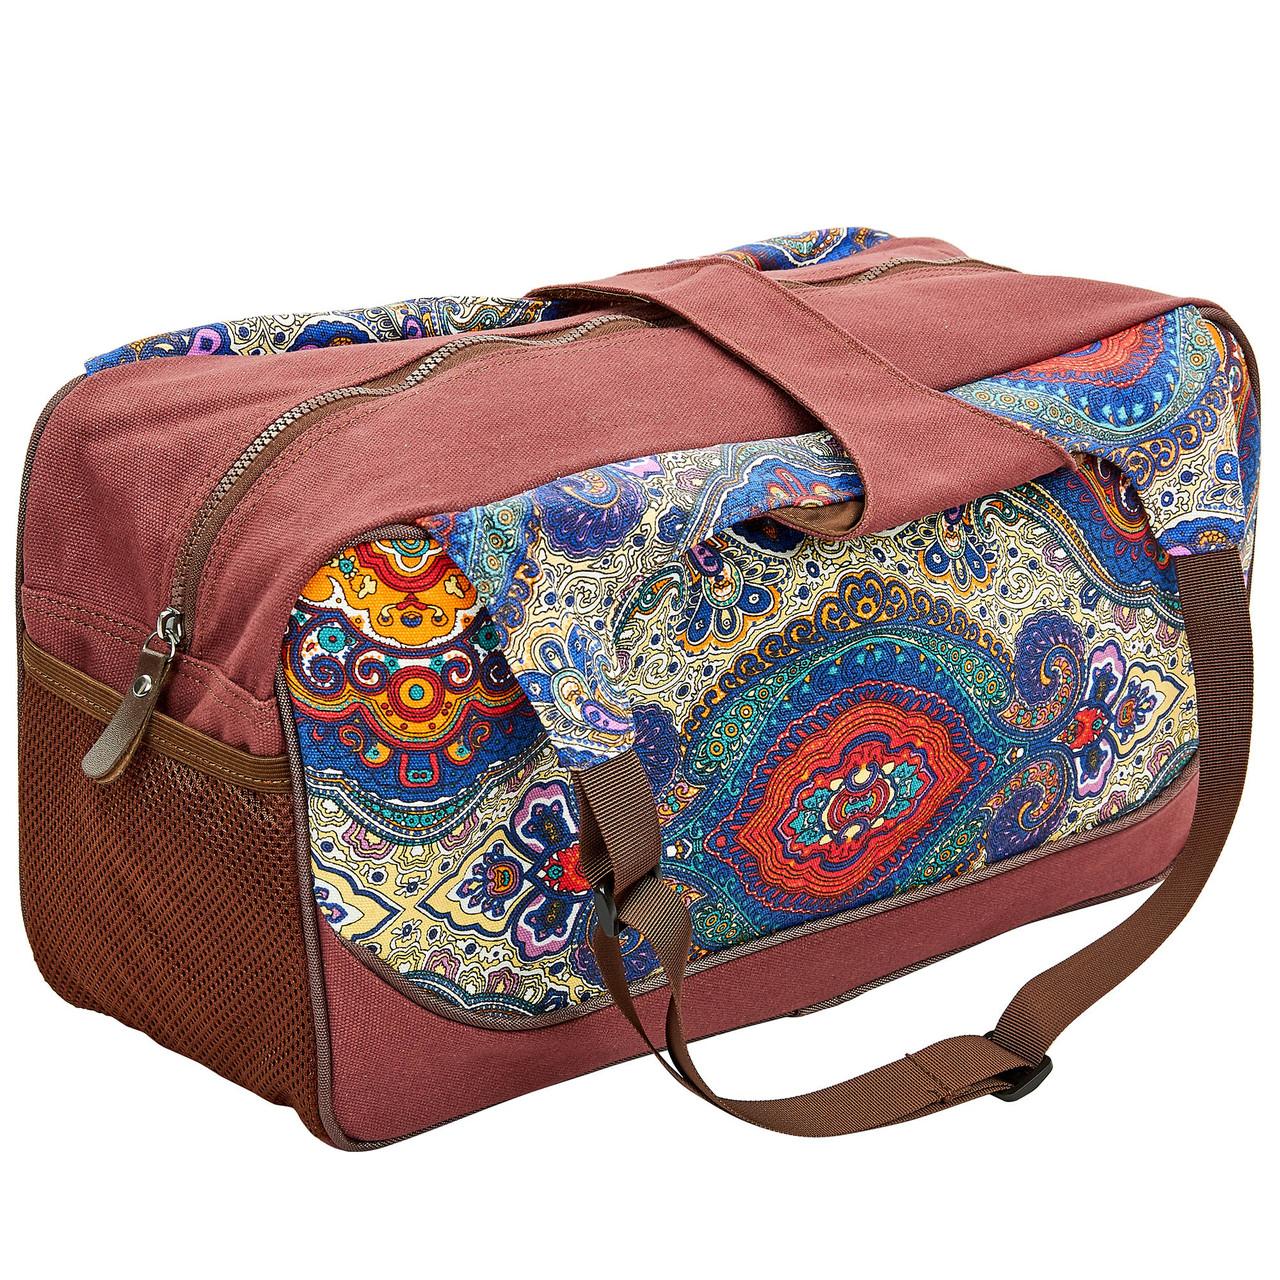 Сумка для фитнеса и йоги Yoga bag KINDFOLK FI-8366-4 (размер 19смх50х33см, полиэстер, хлопок, темно-синий-фиолетовый)